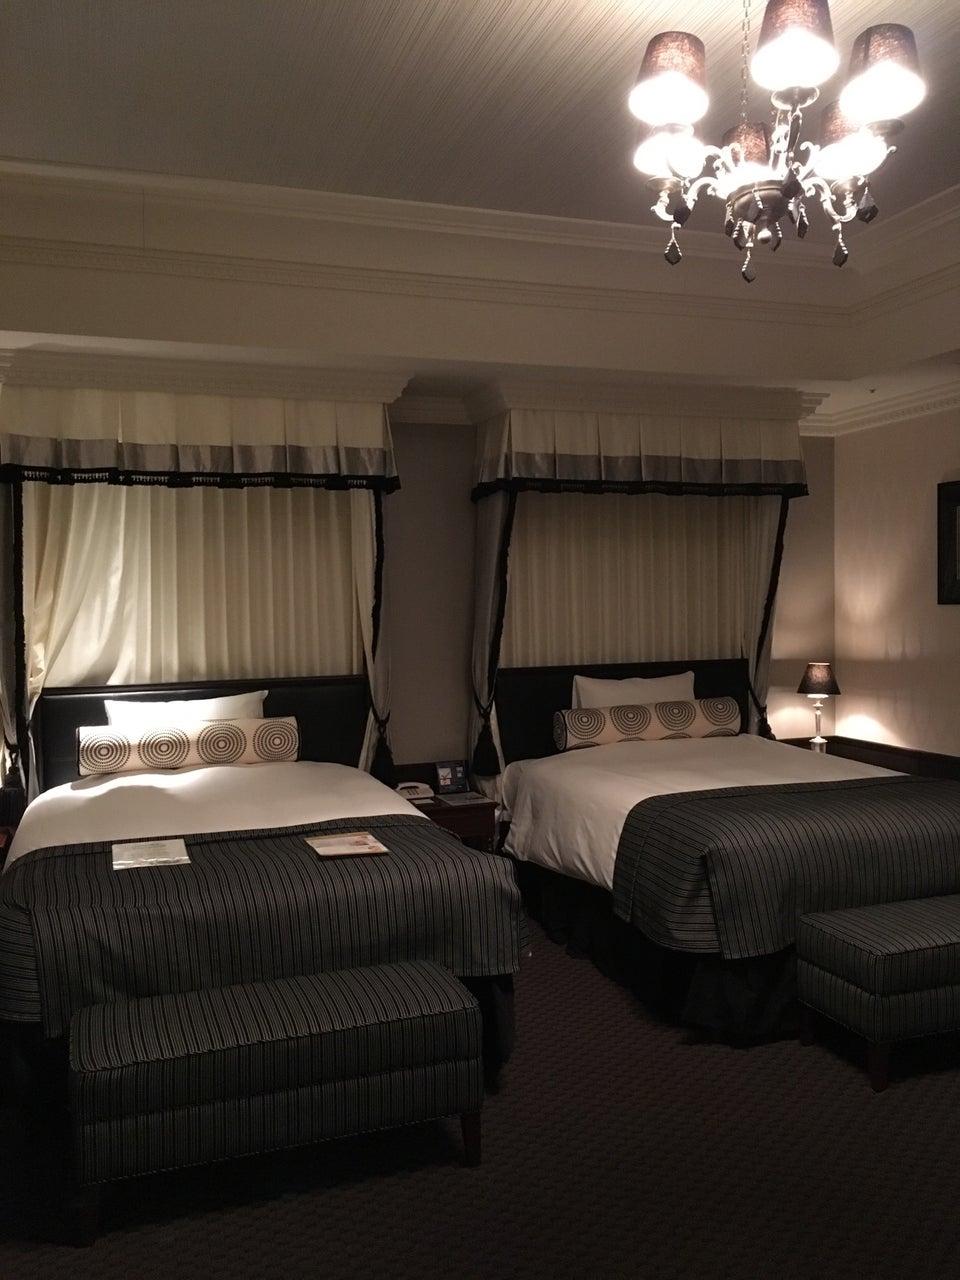 大阪蒙特利格拉斯米爾酒店 Hotel Monterey Grasmere Osaka